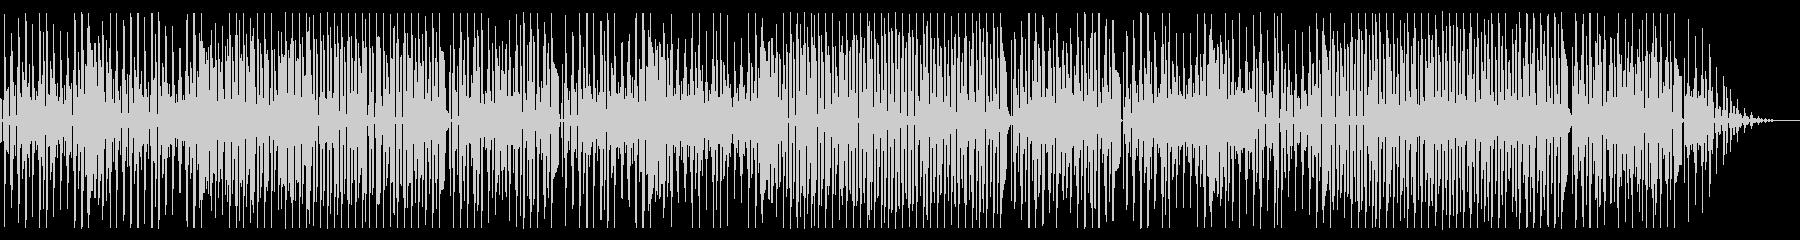 「ウイリアムテル序曲」脱力系アレンジの未再生の波形